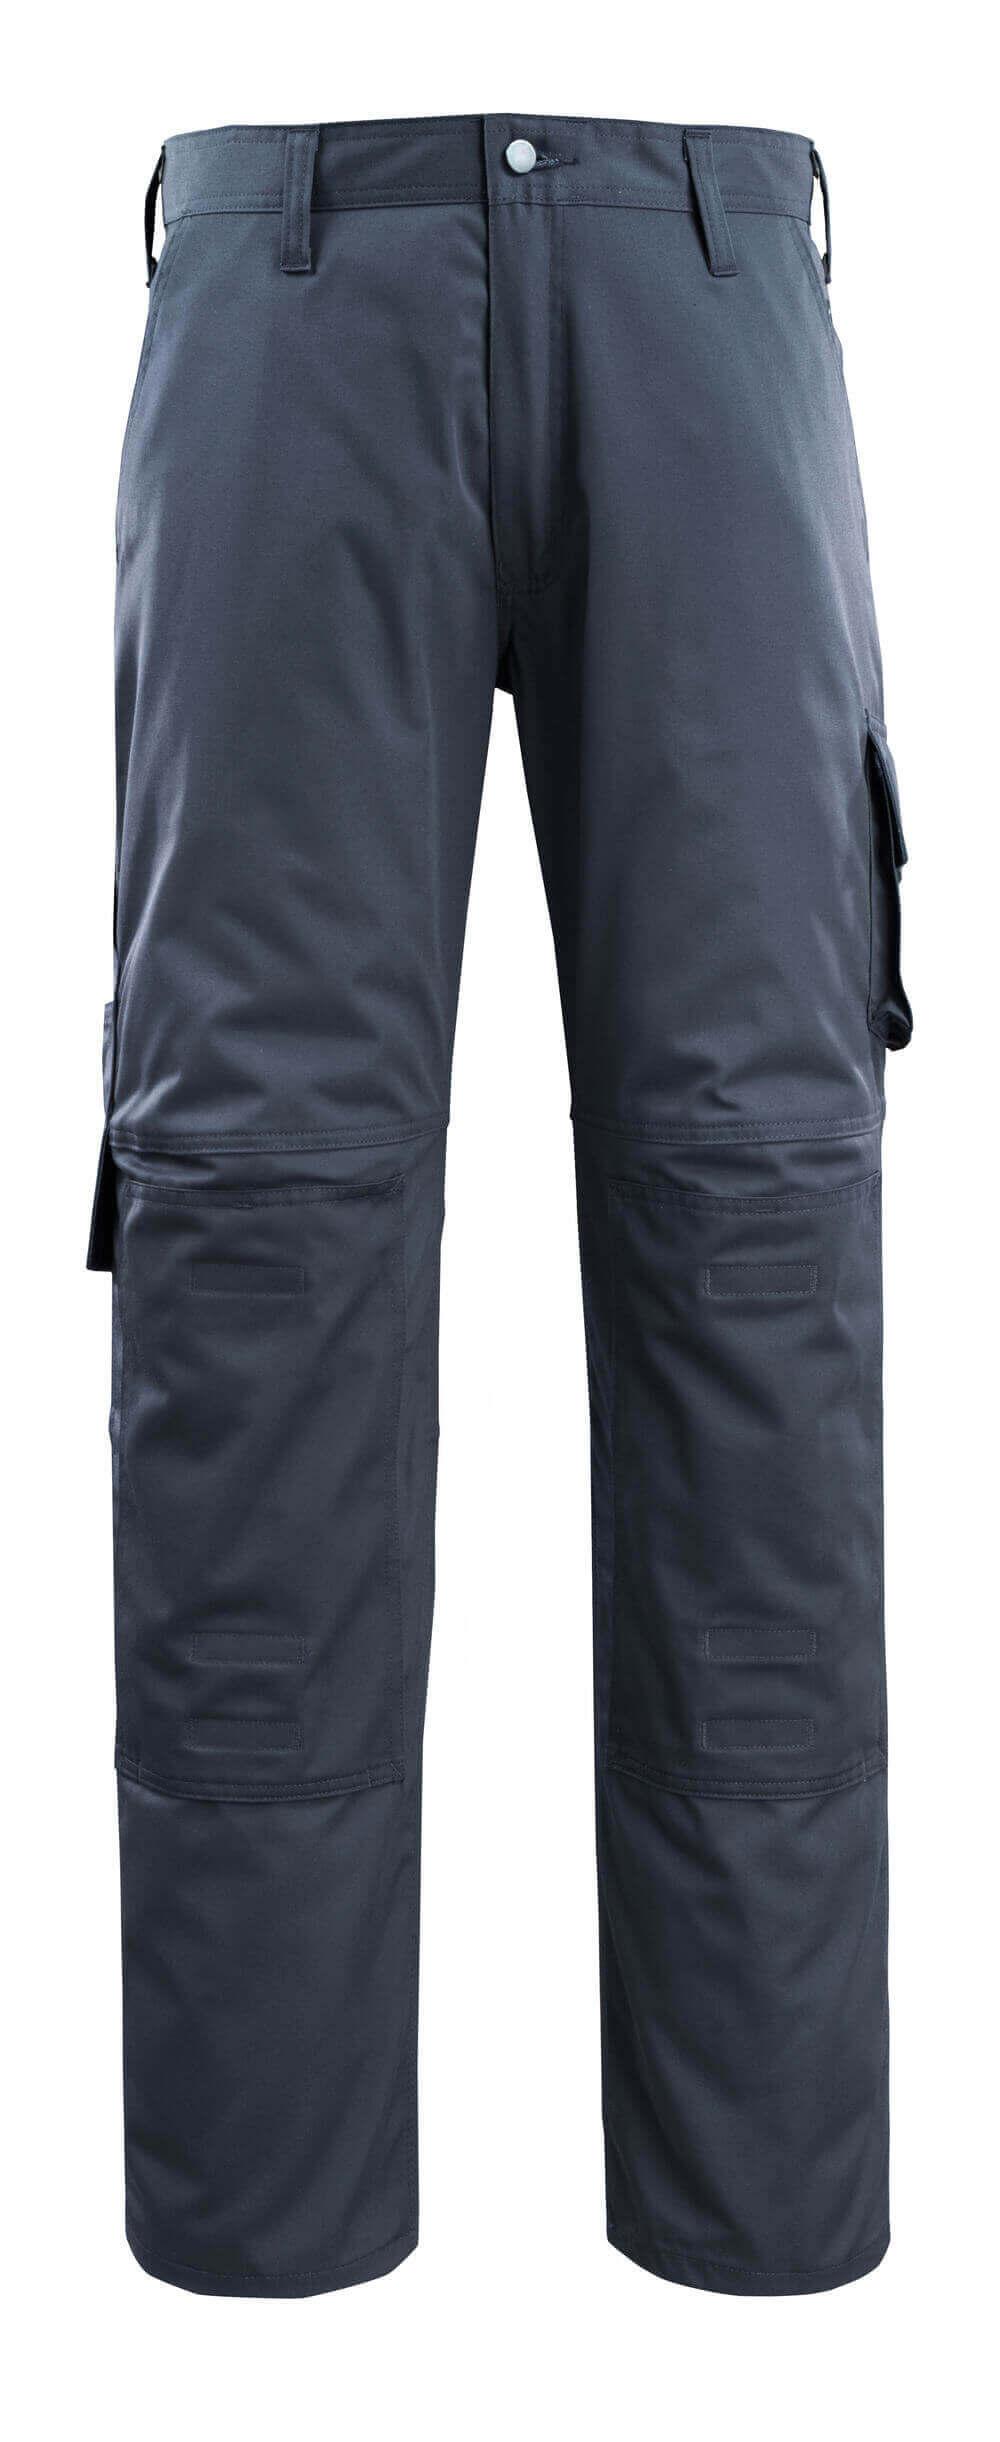 14379-850-010 Arbeitshose - Schwarzblau